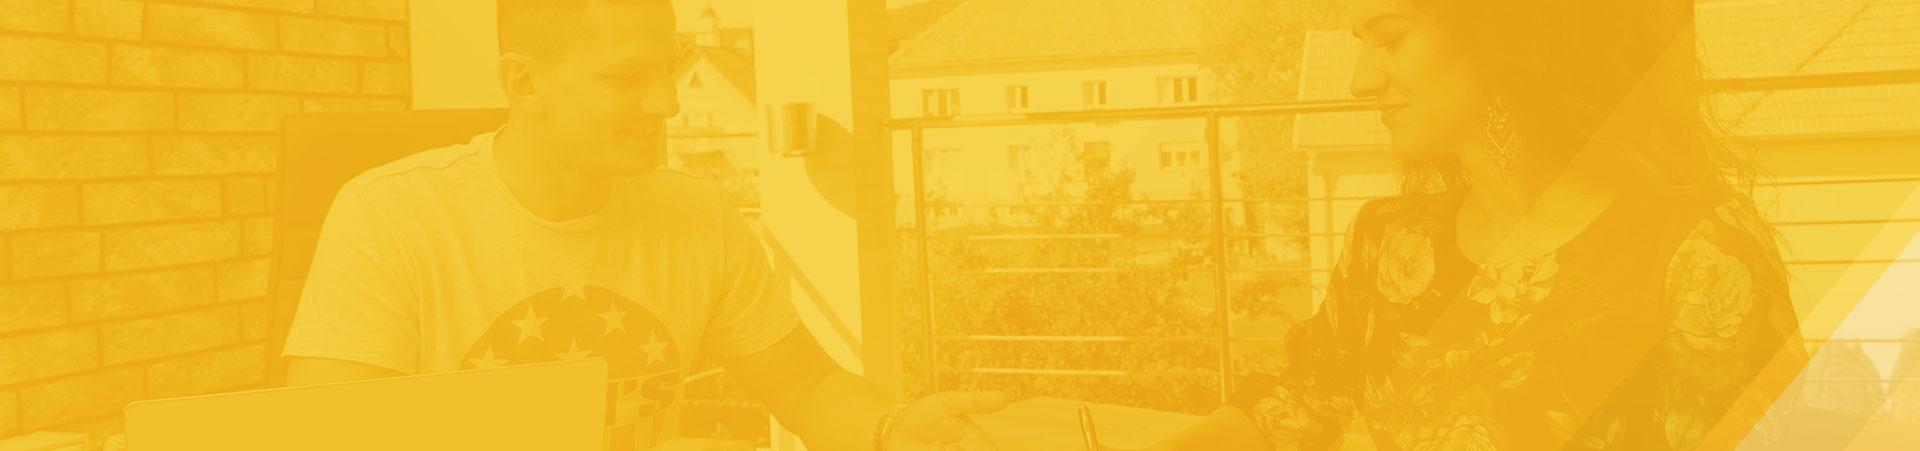 sluzby6.jpg